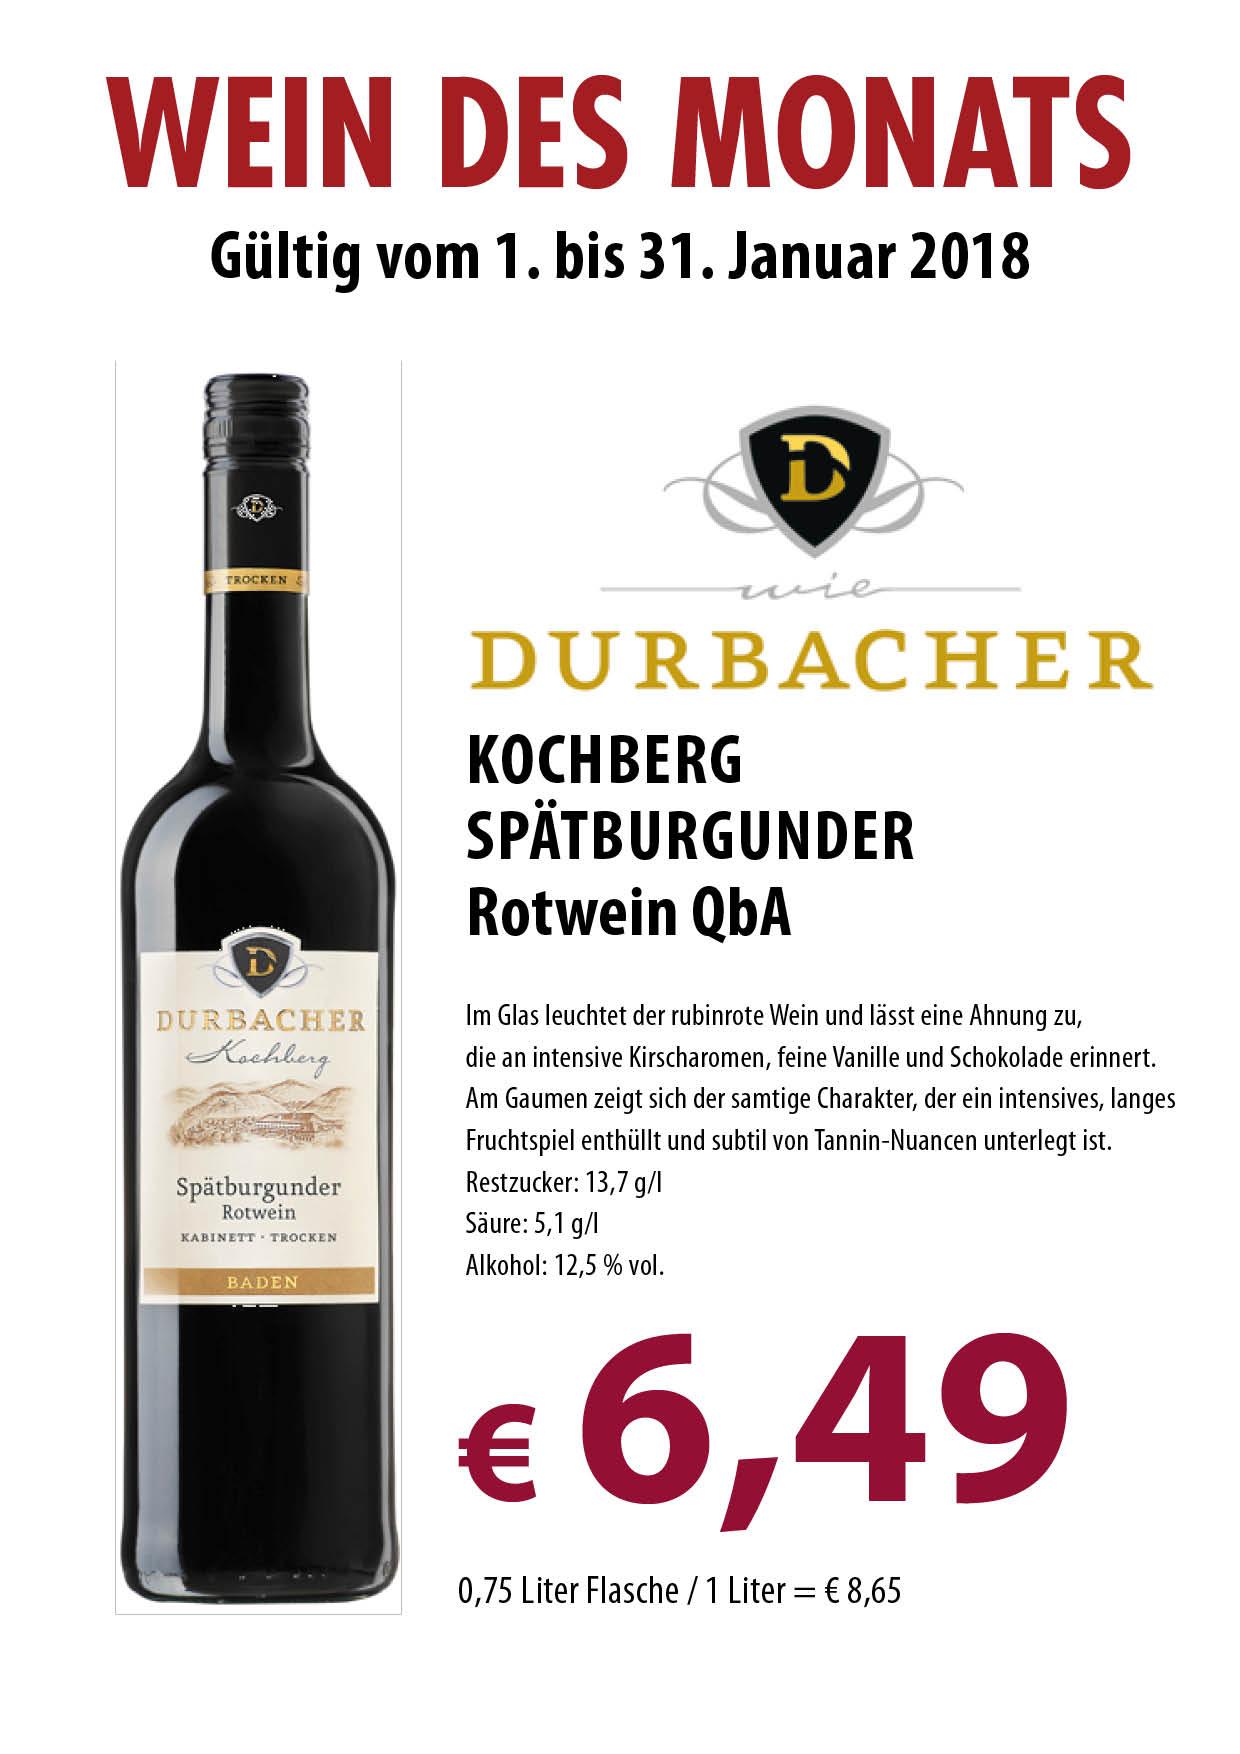 Schön Getränke Volz Scharnhausen Fotos - Die Designideen für ...